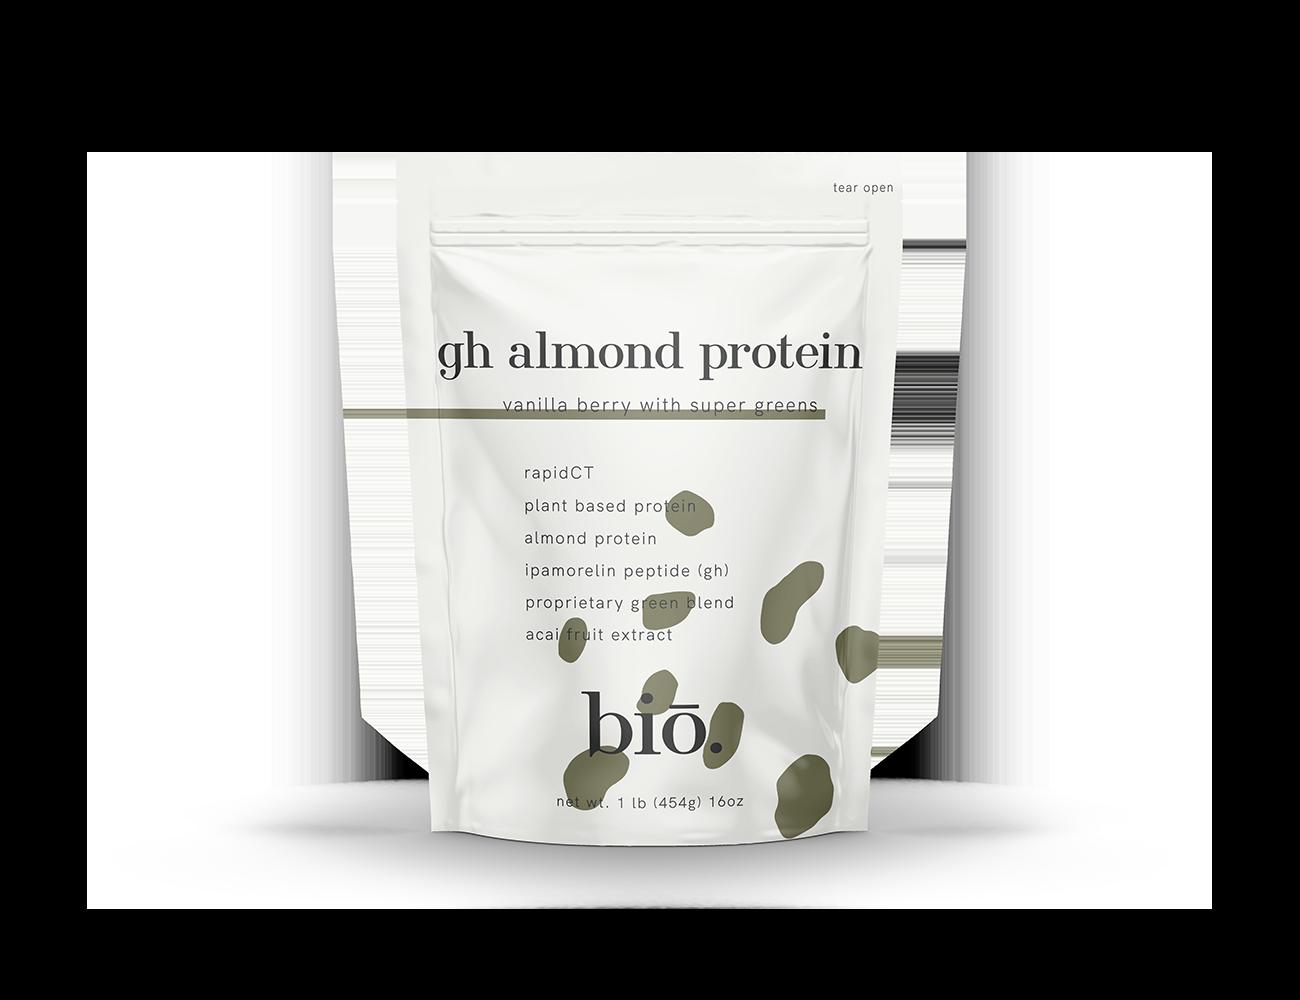 gh almond protein | vanilla berry